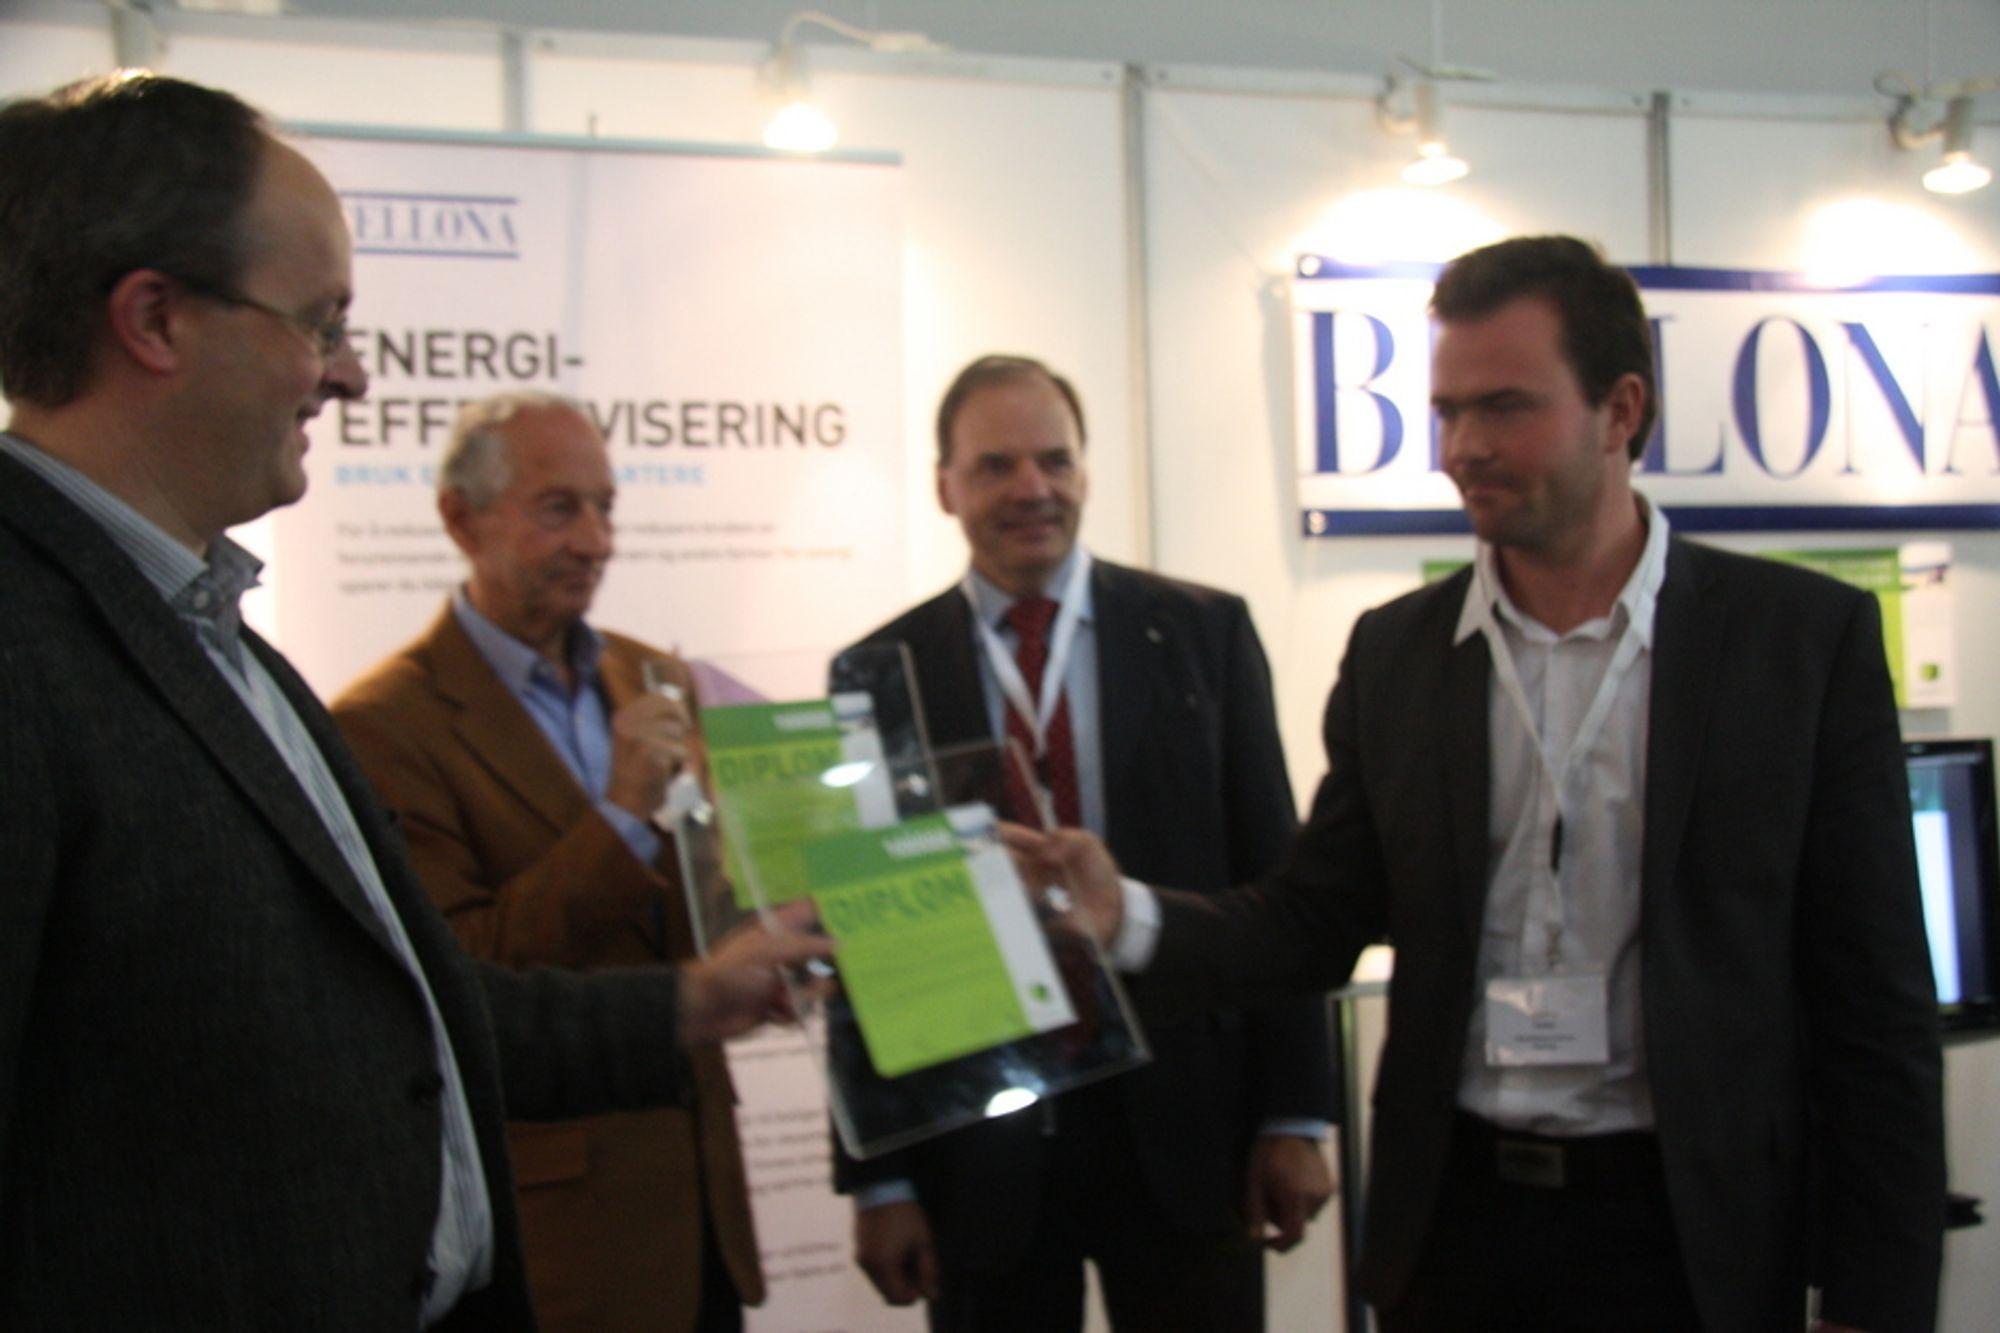 PRISVINNERE: Per Reidar Øke i Energreen mottok prisen sammen med Rolf Kevin i Stiftelsen Vekst av ad. direktør i E-CO og Bellonas Marius Holm